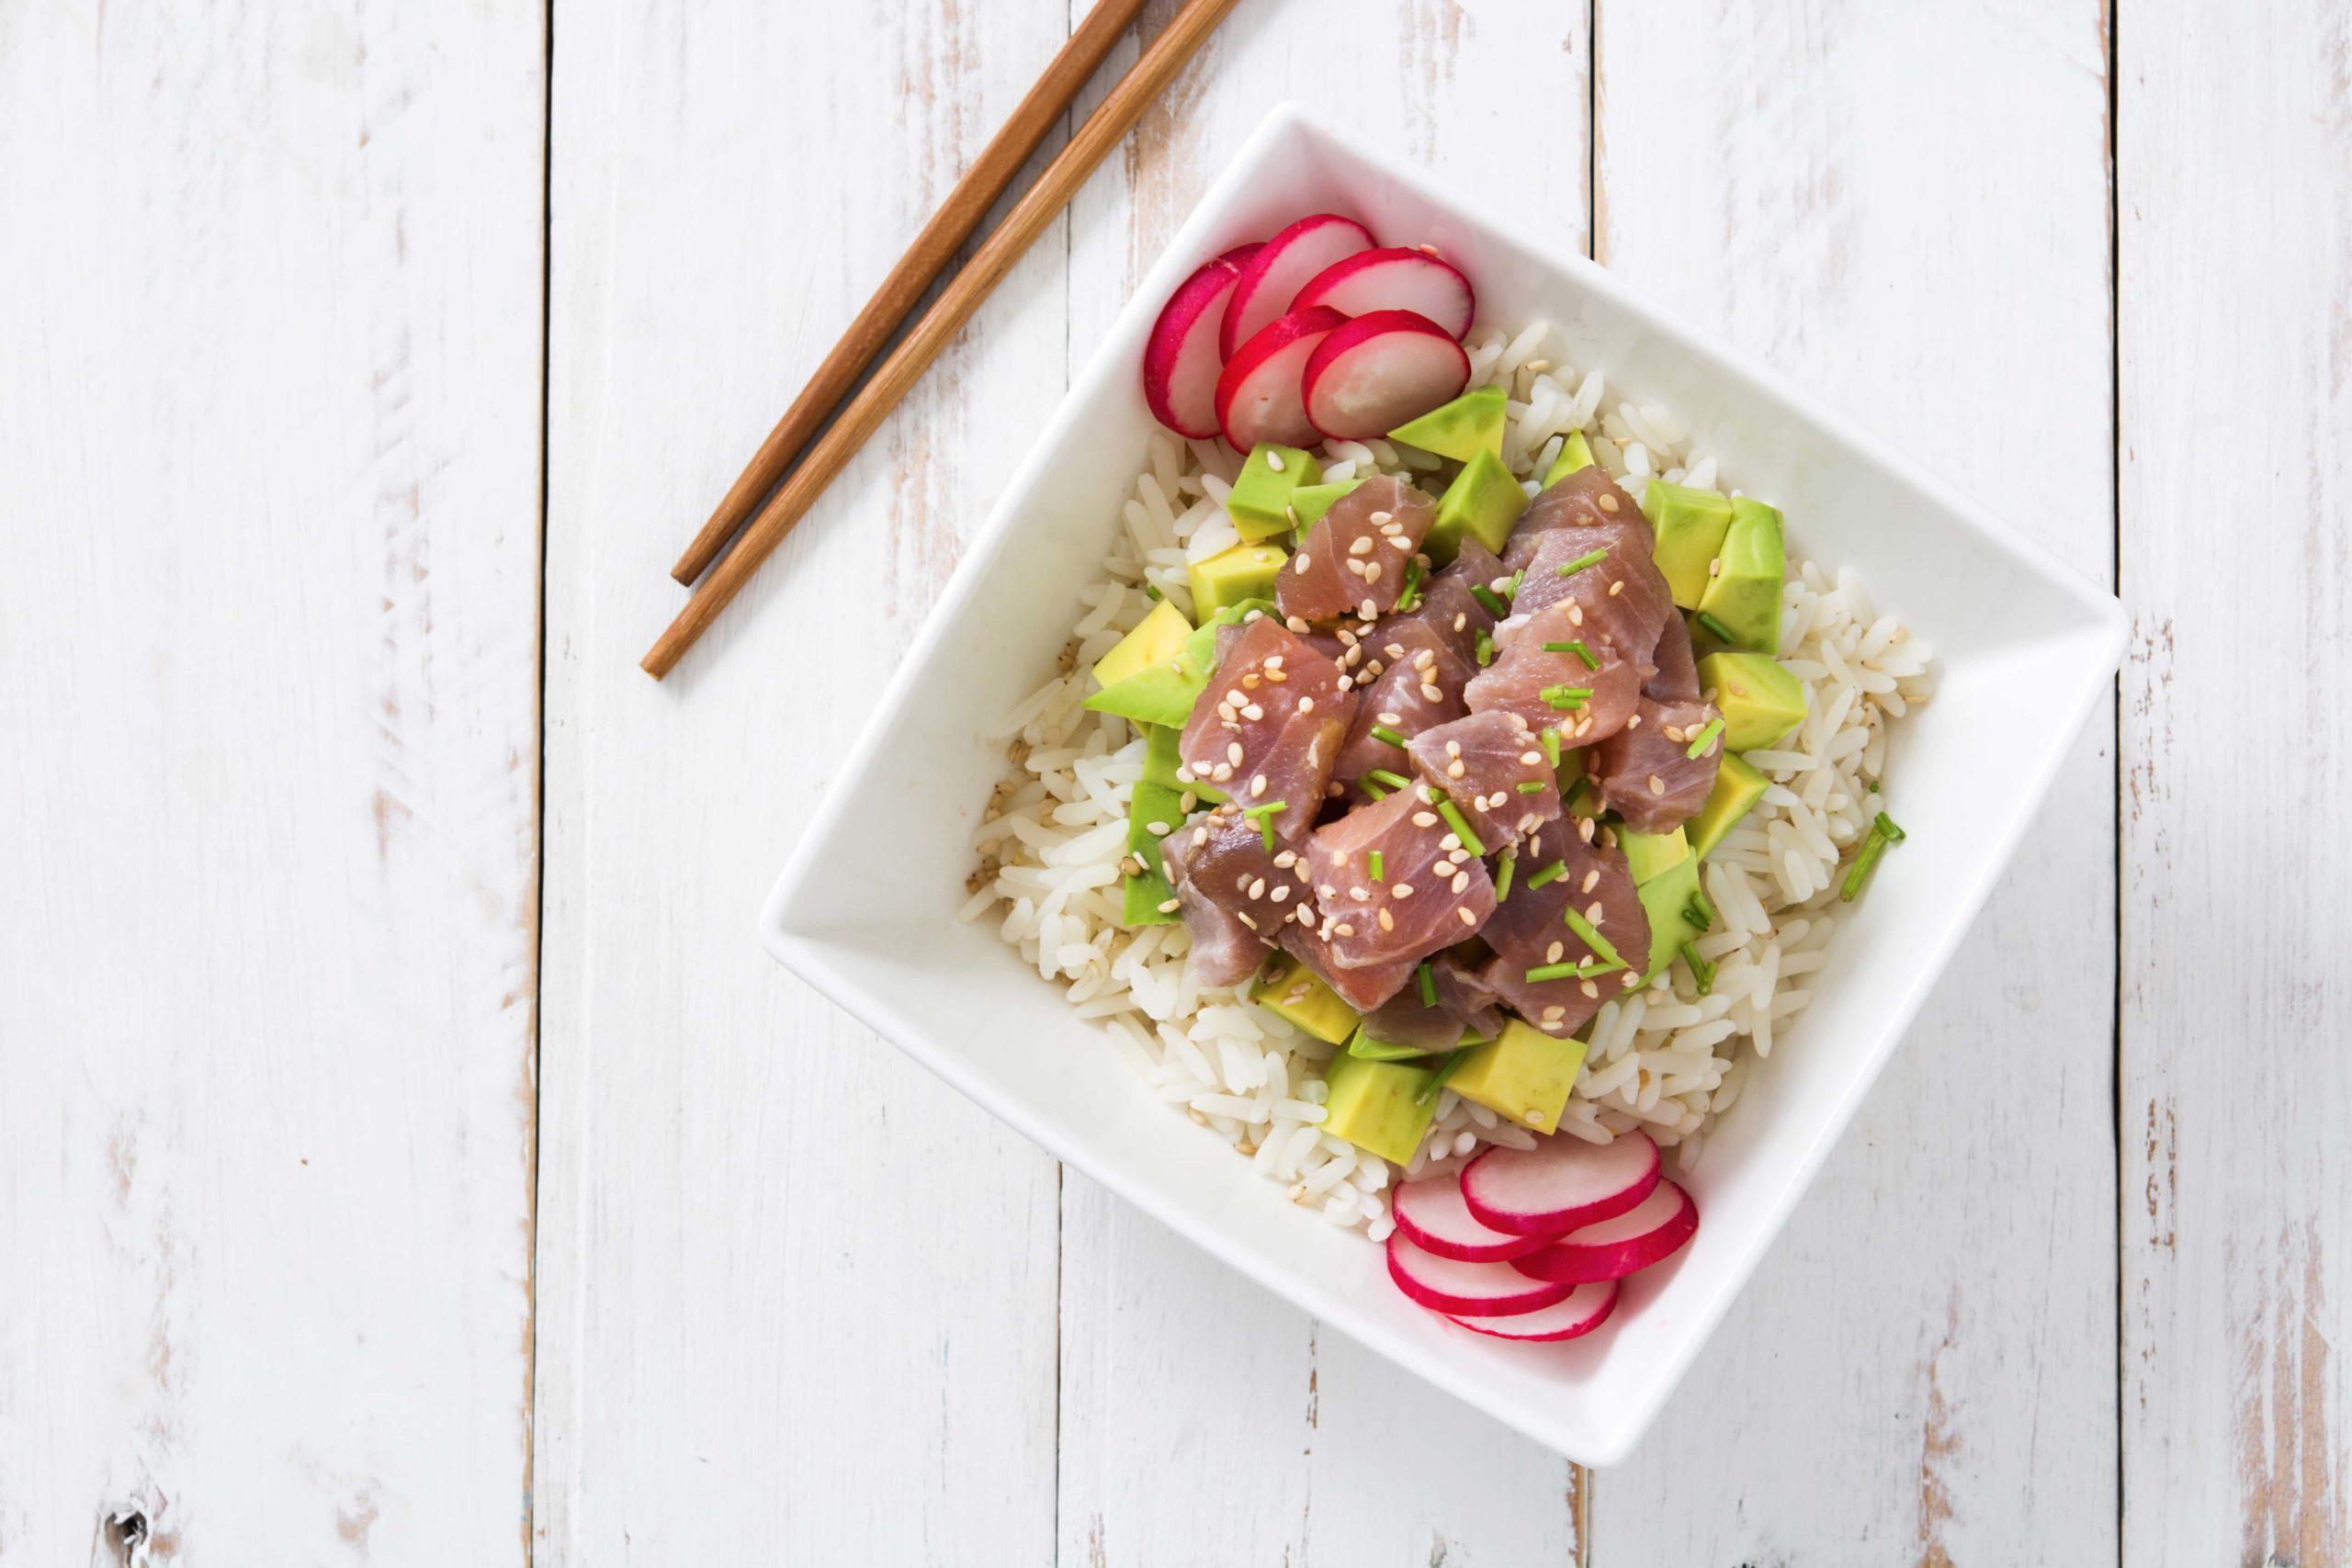 Receta de Ensalada de arroz basmati y atún